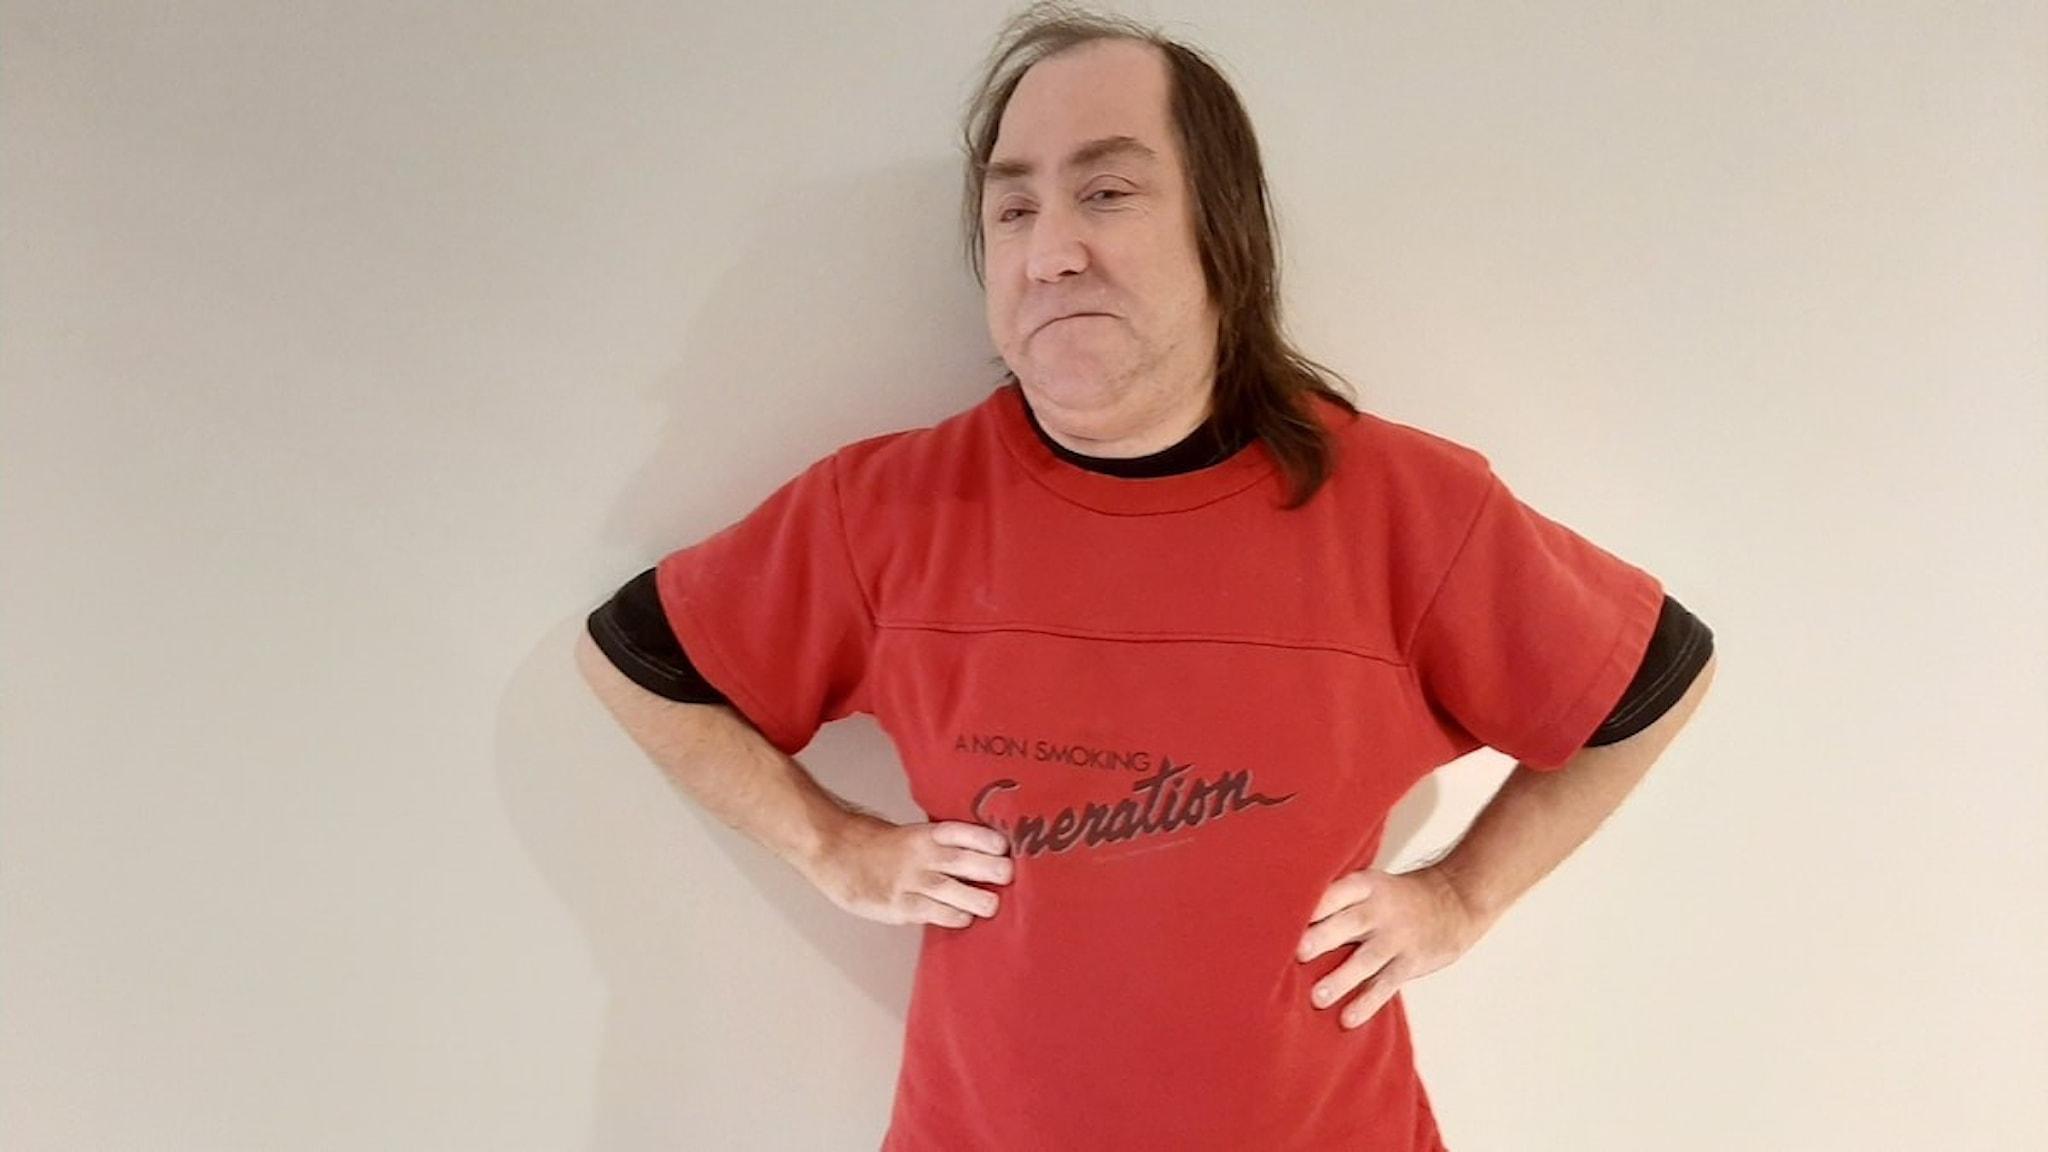 På bilden ser man en man med långt hår och klädd i en röd tröja.